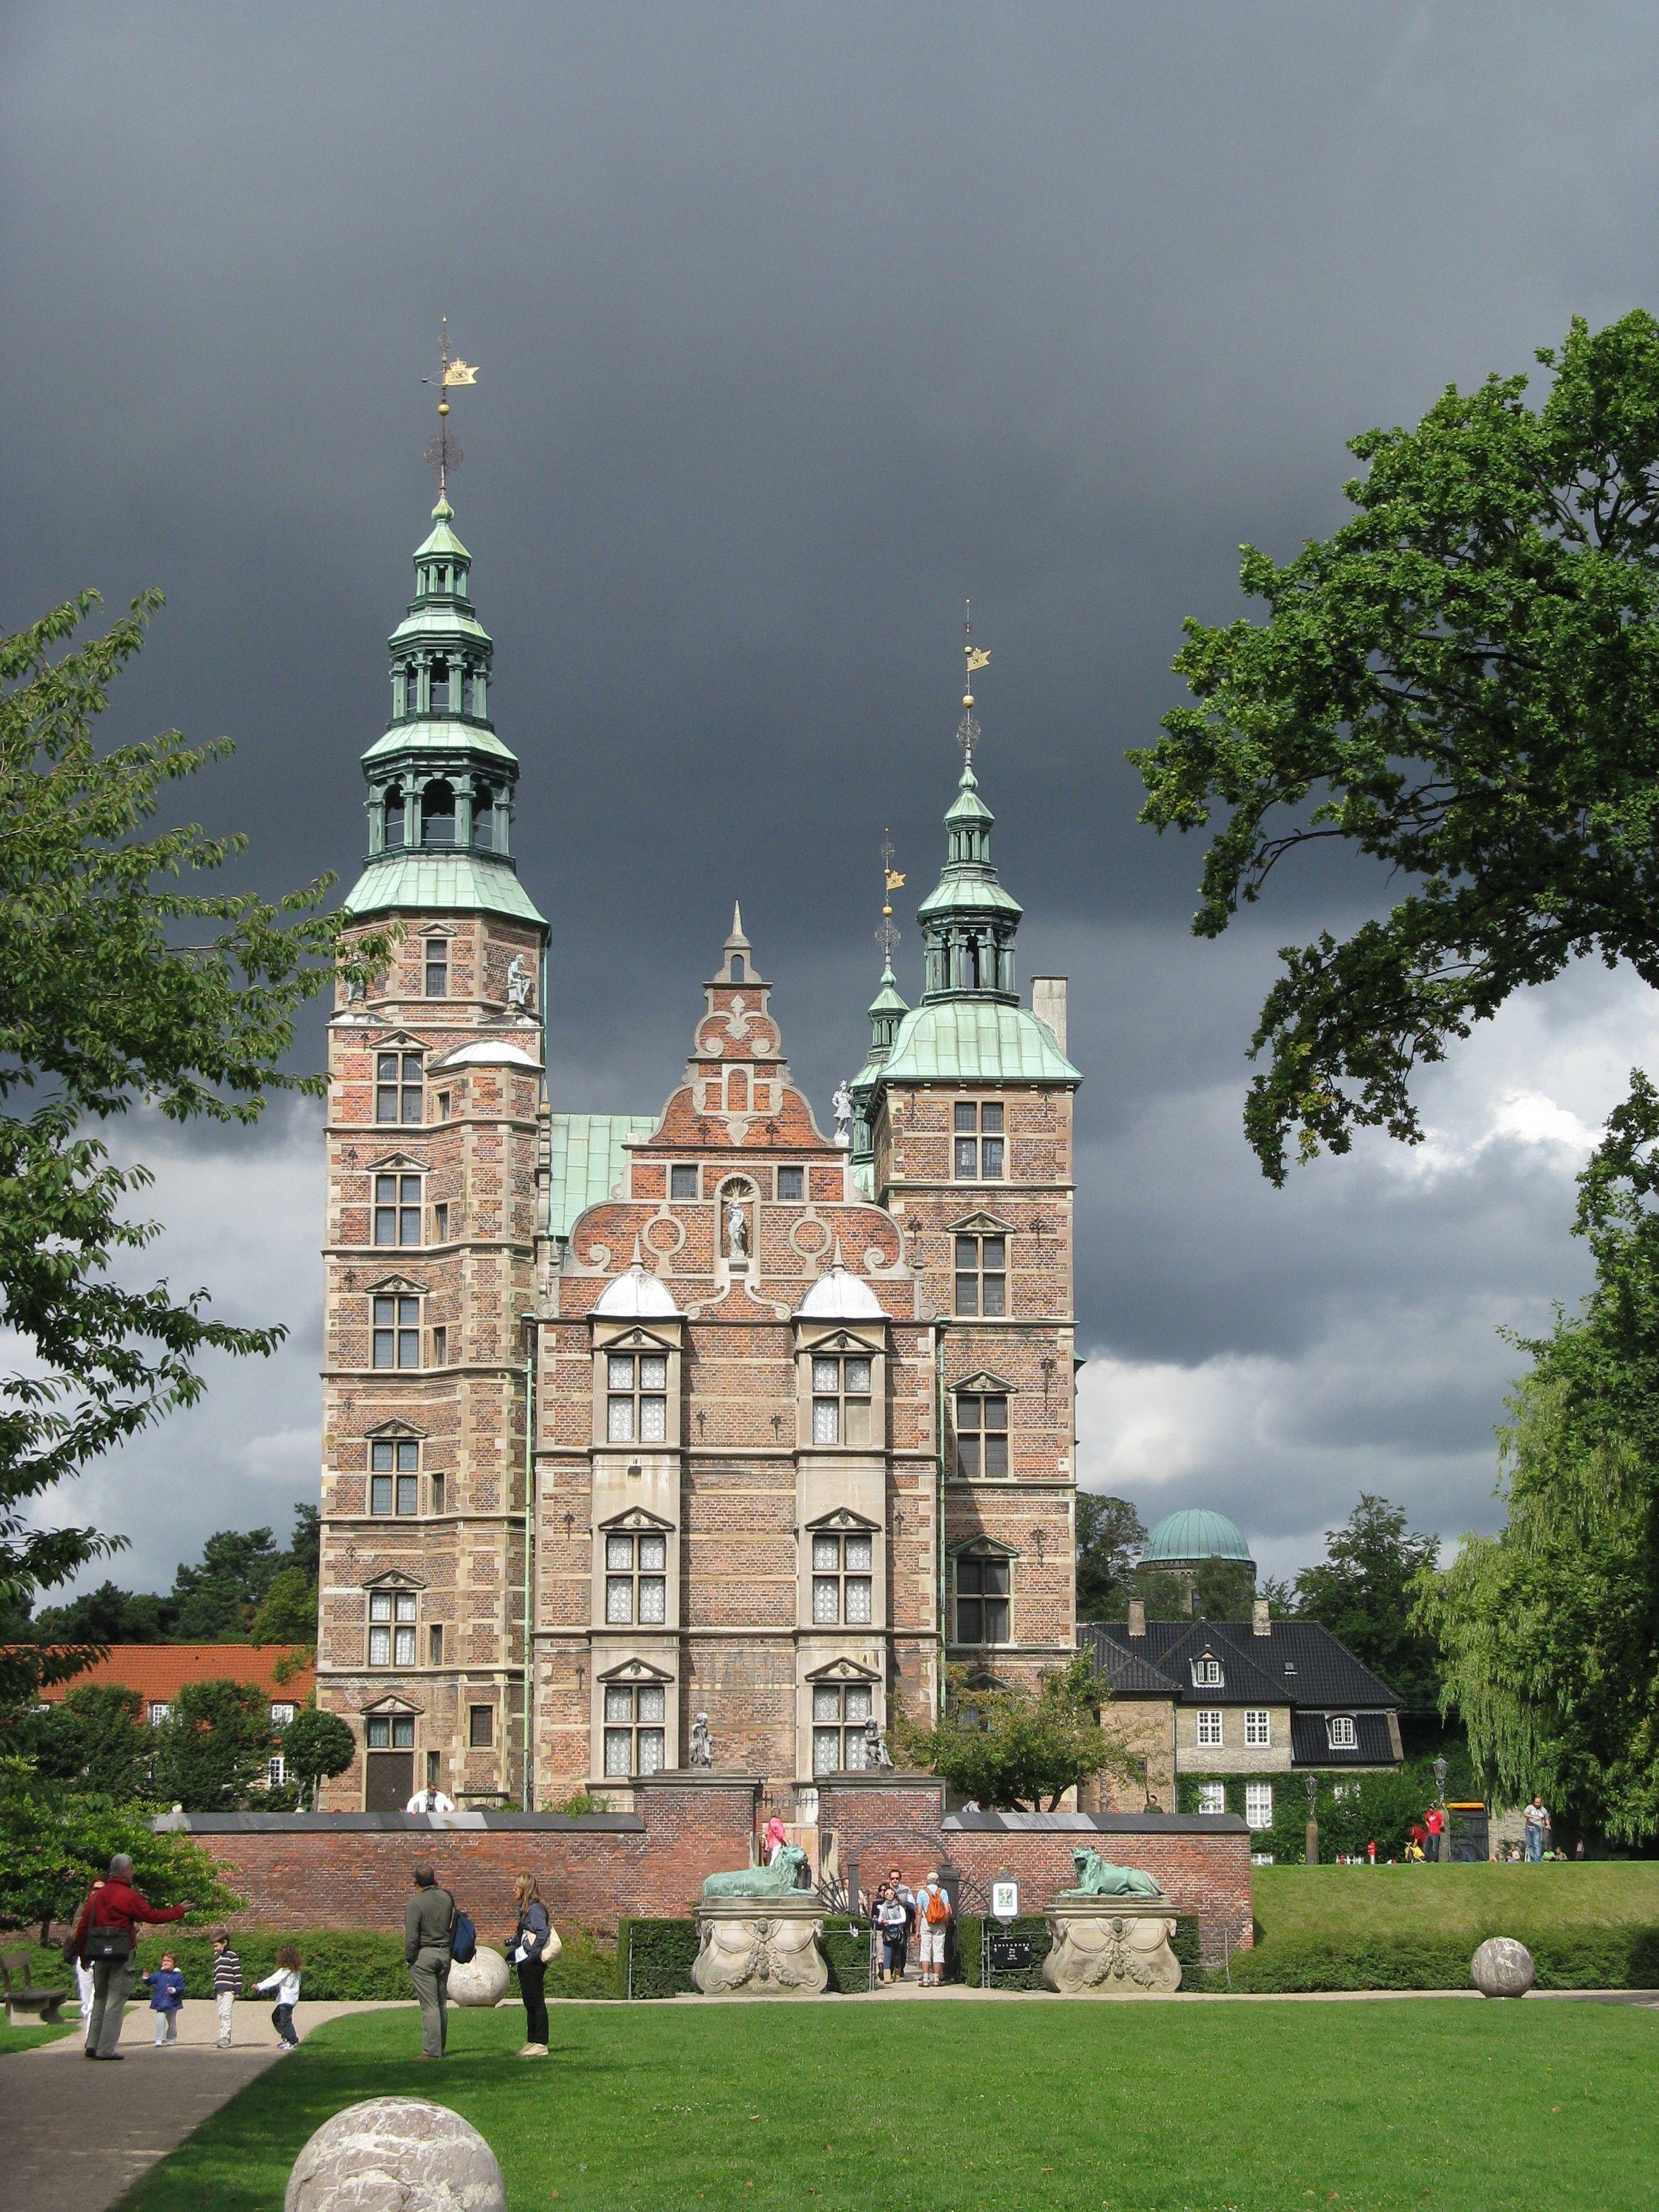 Image Result For Rosenborg